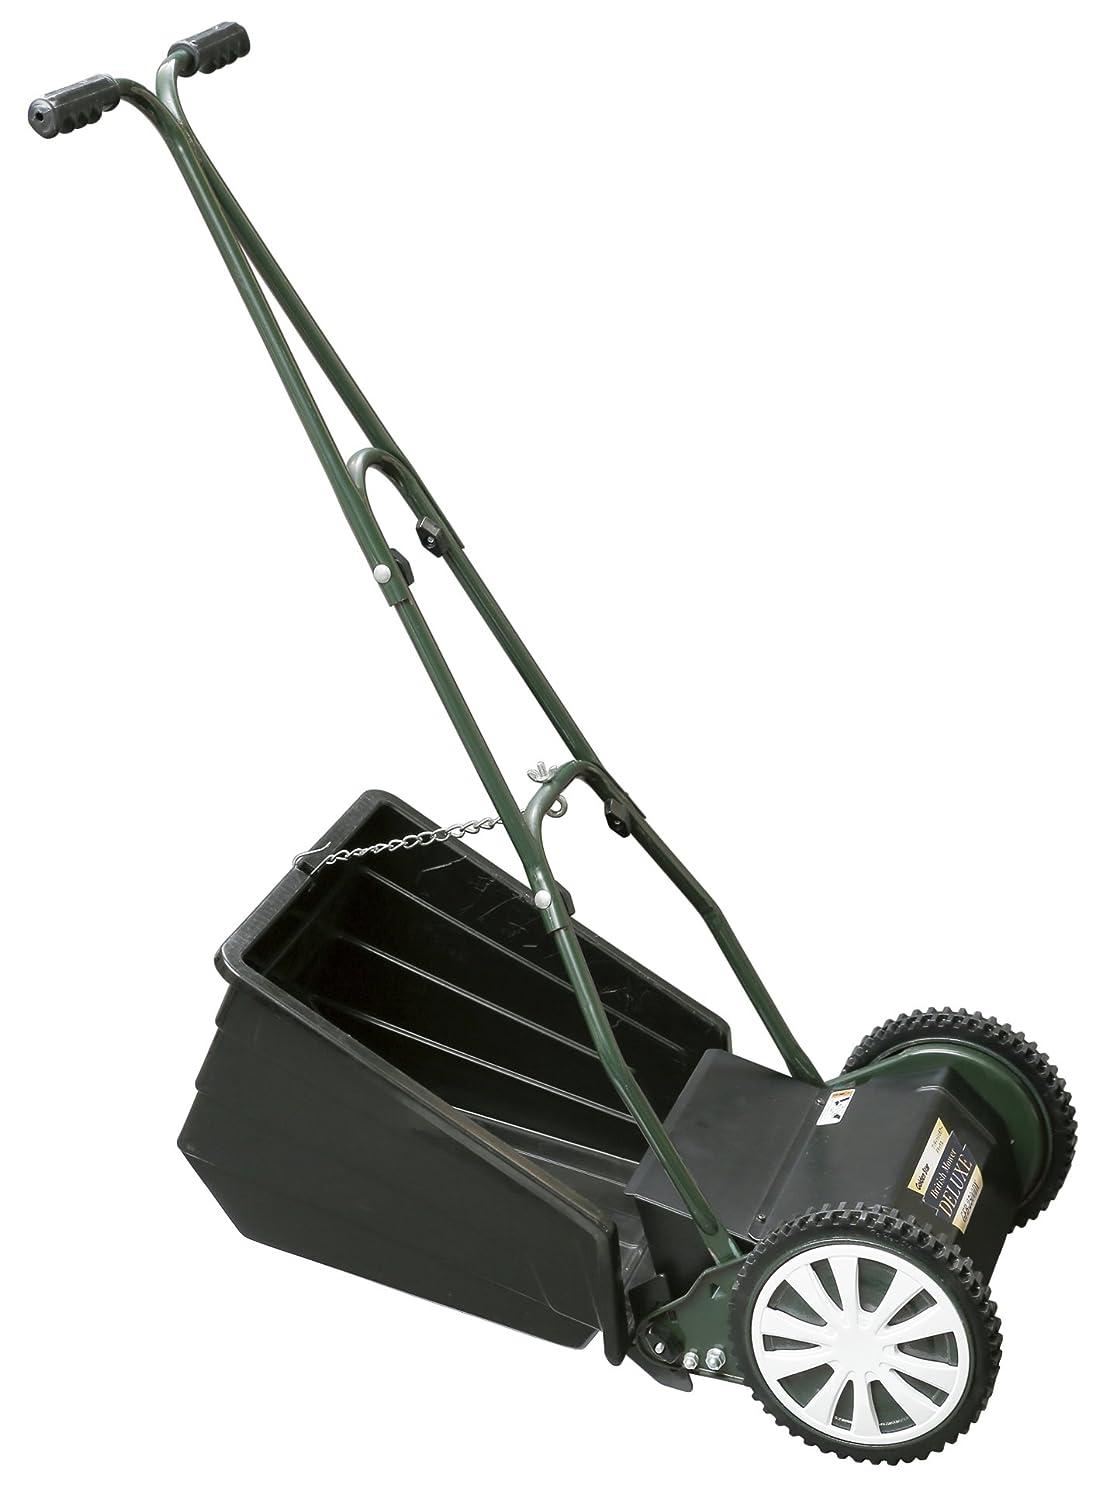 傀儡マイクロ宣伝ゴールデンスター 「安心?安全?日本製」刃研ぎのできる最高級手動芝刈機 ブリティッシュモアーデラックス GFB-2500DX